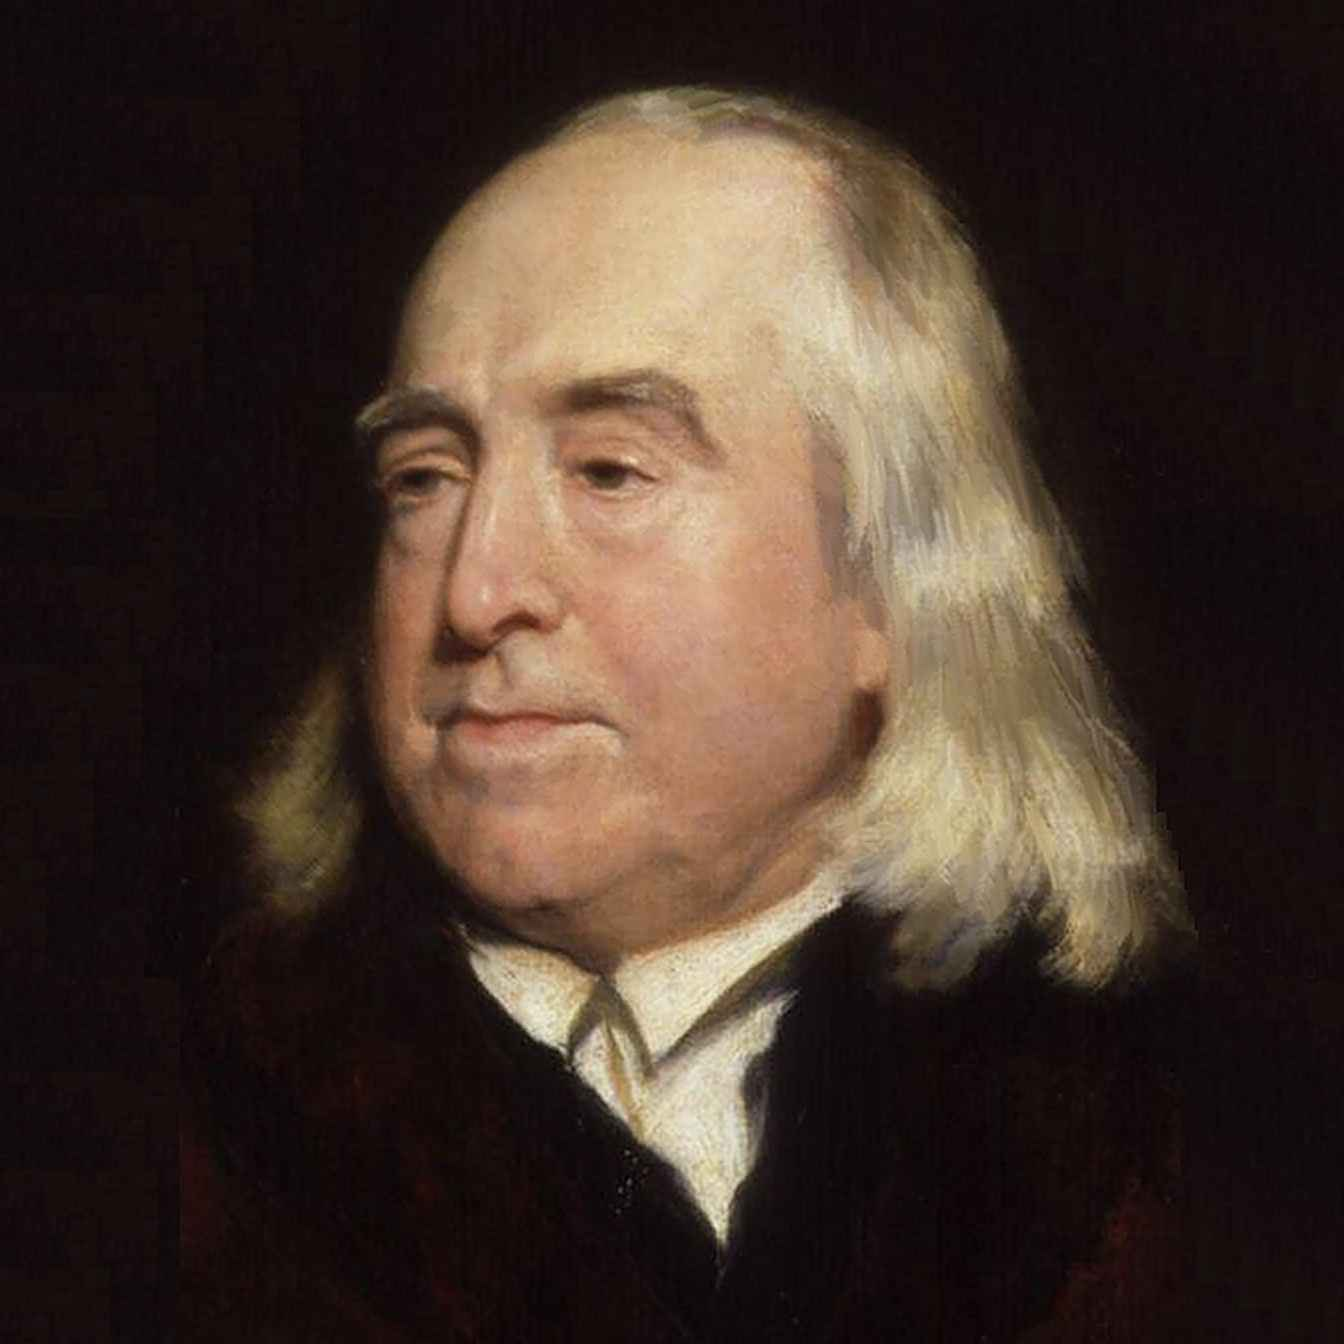 Lord William Bentinck and Utilitarianism